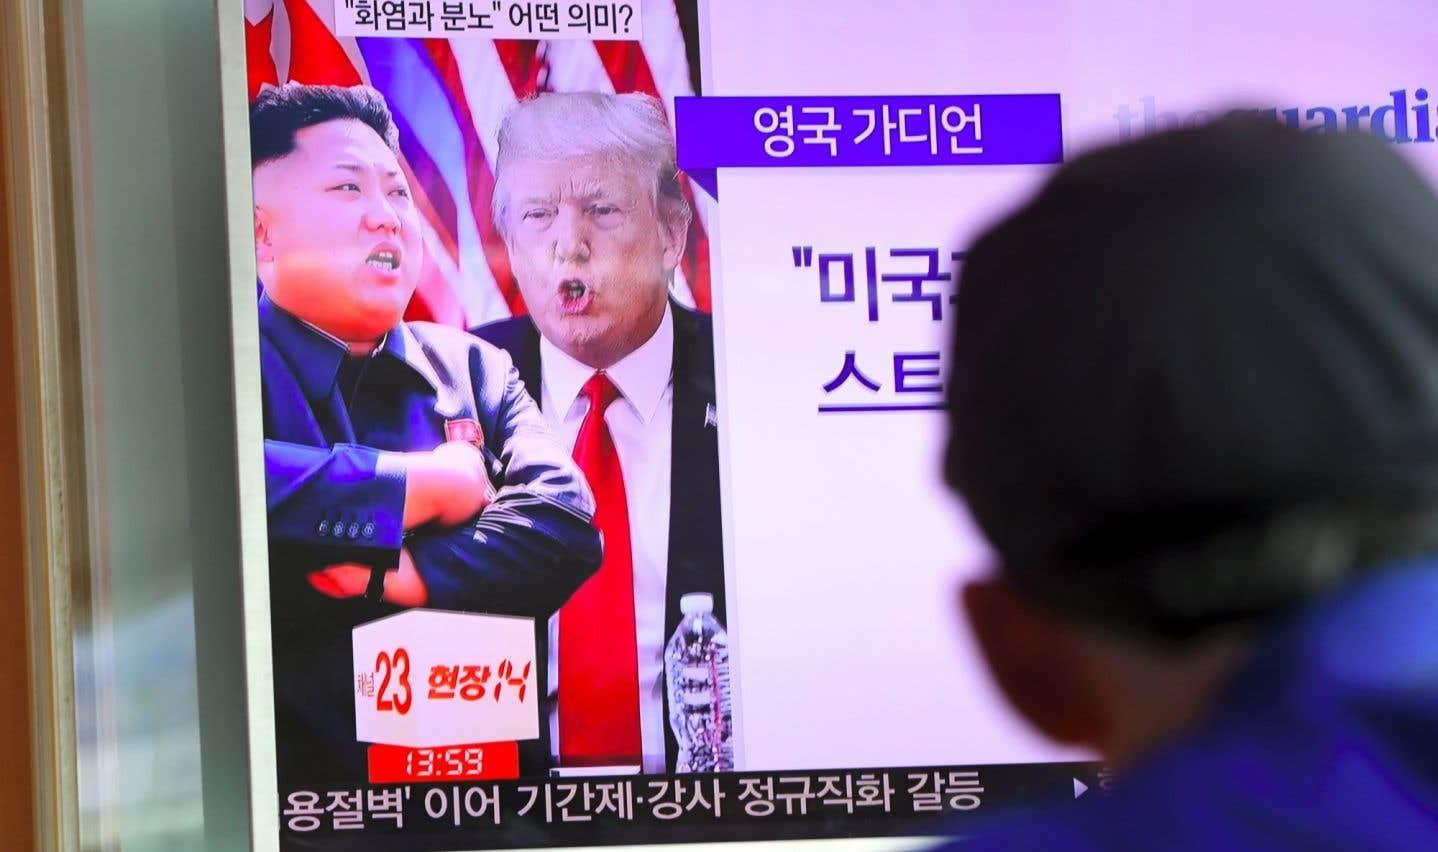 Trump et la Corée du Nord: une rhétorique très risquée, selon des analystes